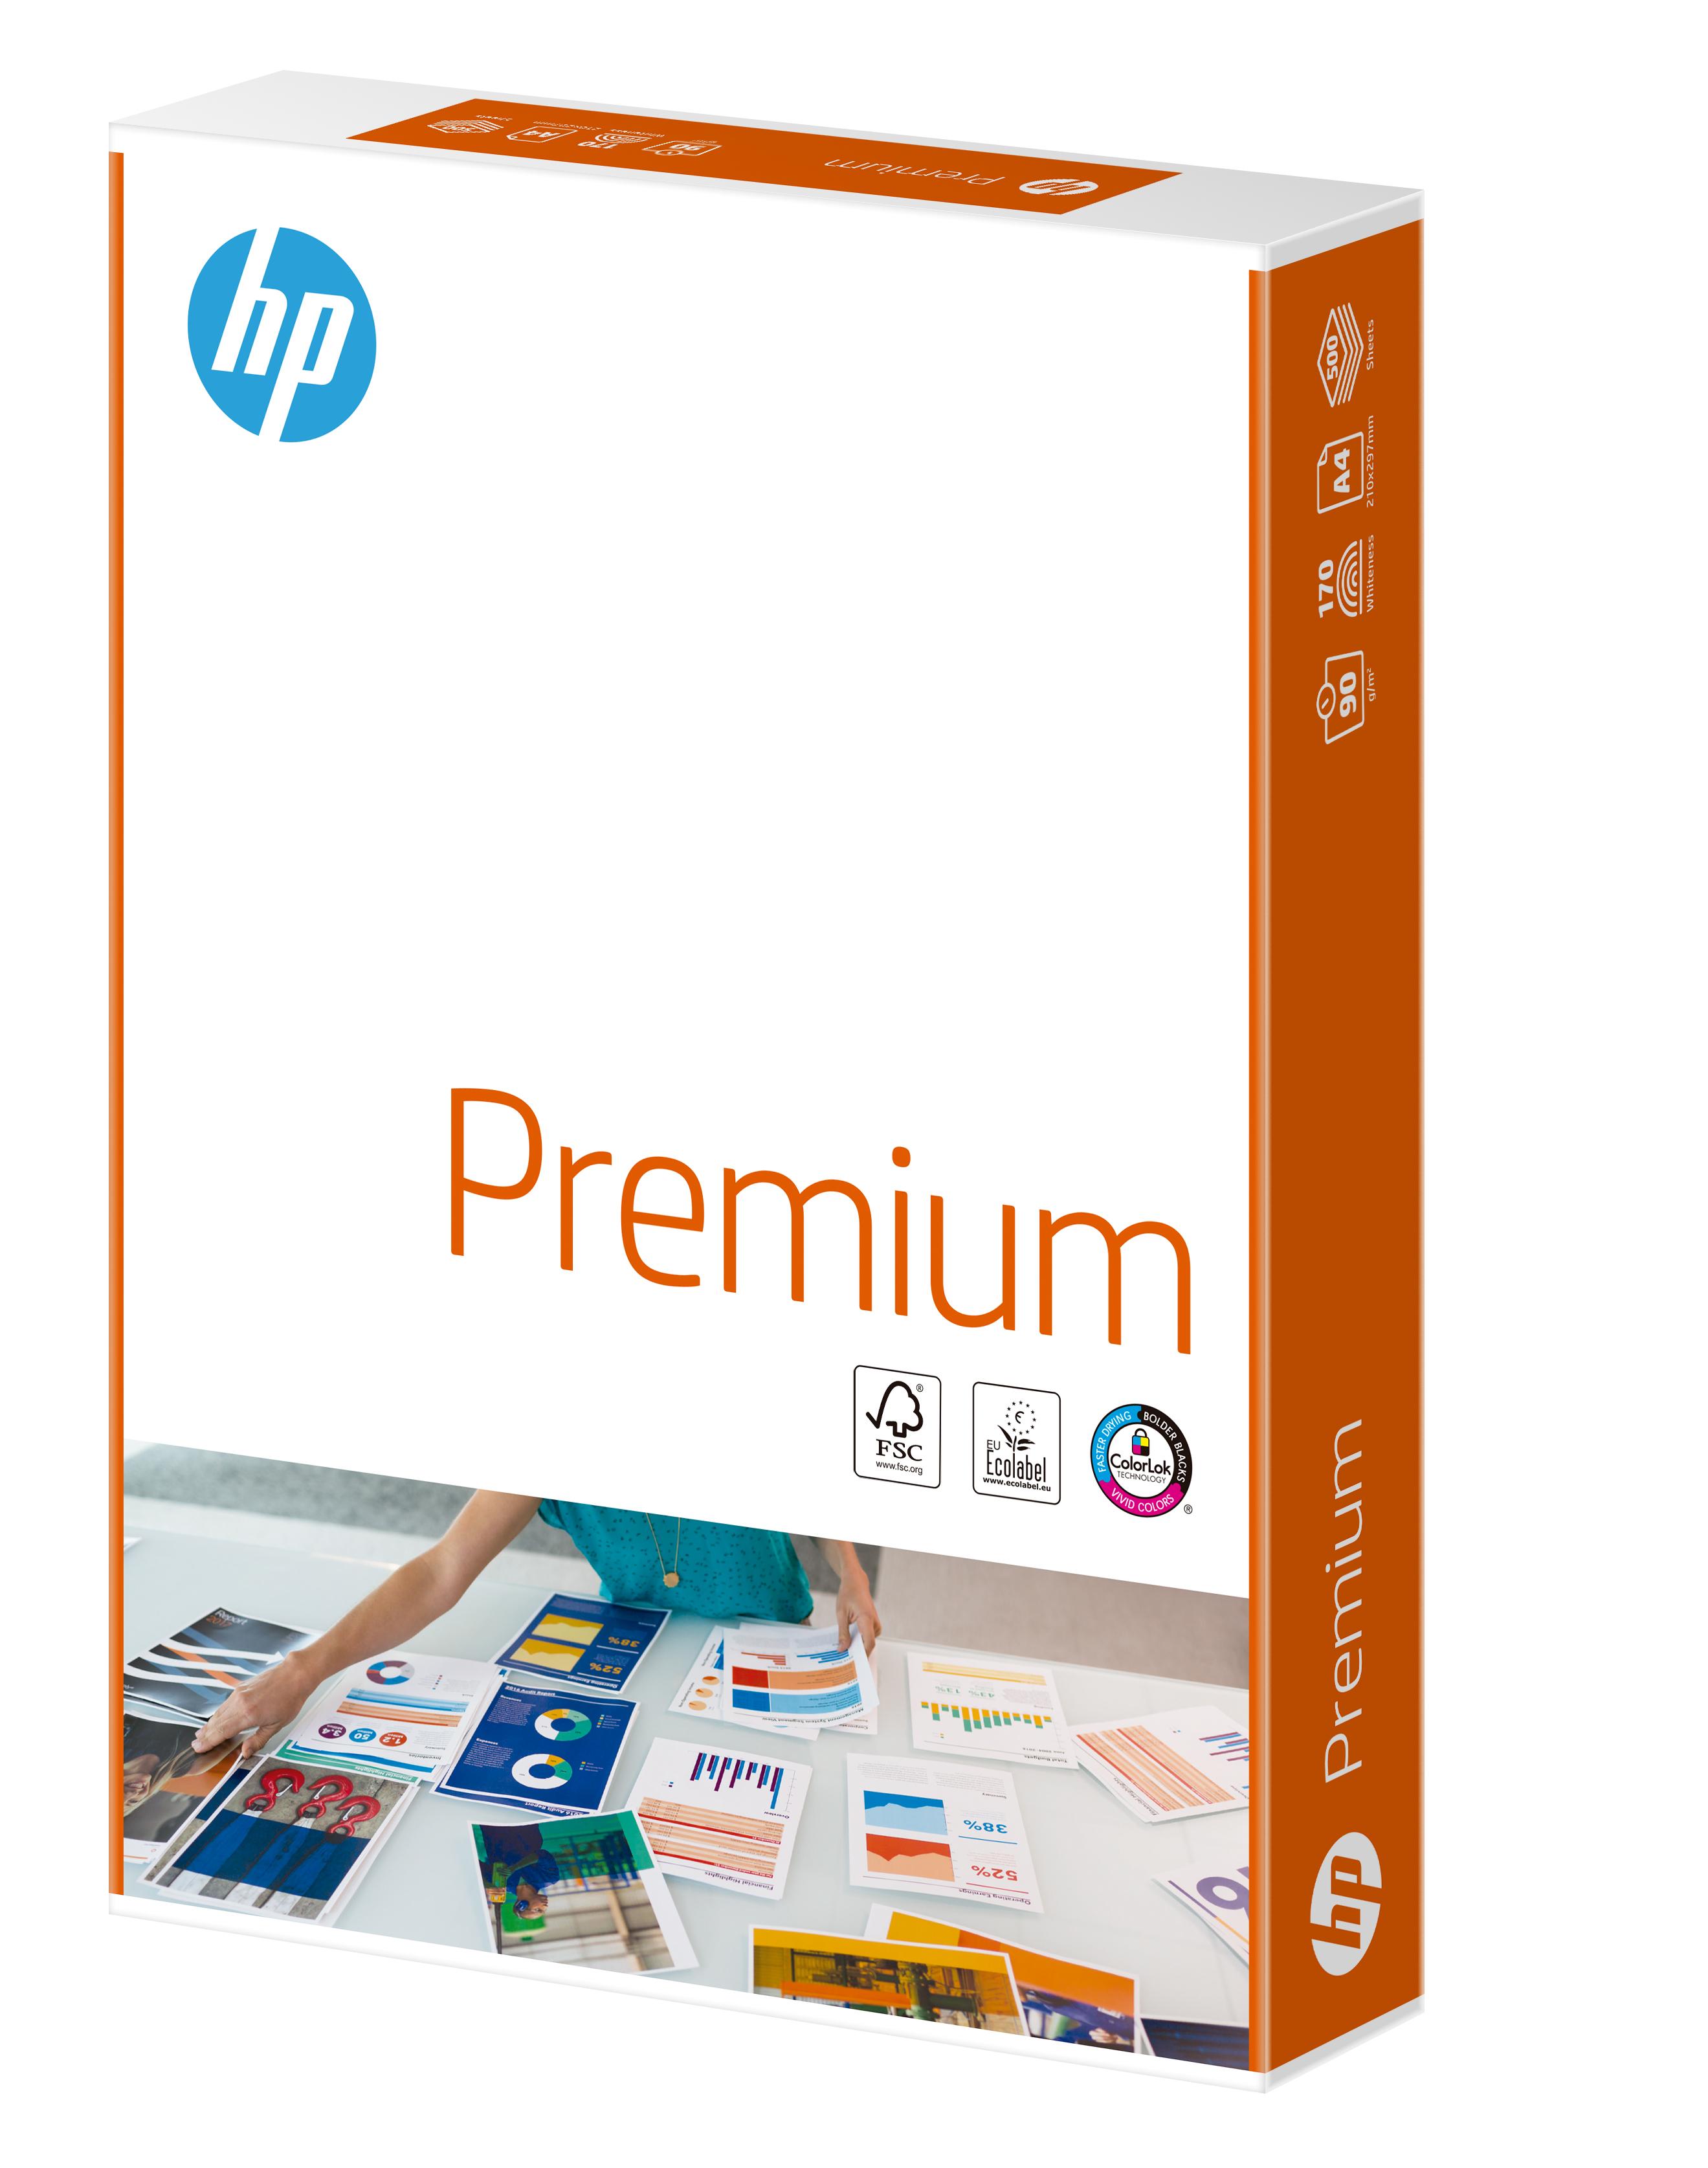 HP FSC Premium Paper A4 90gm PK500